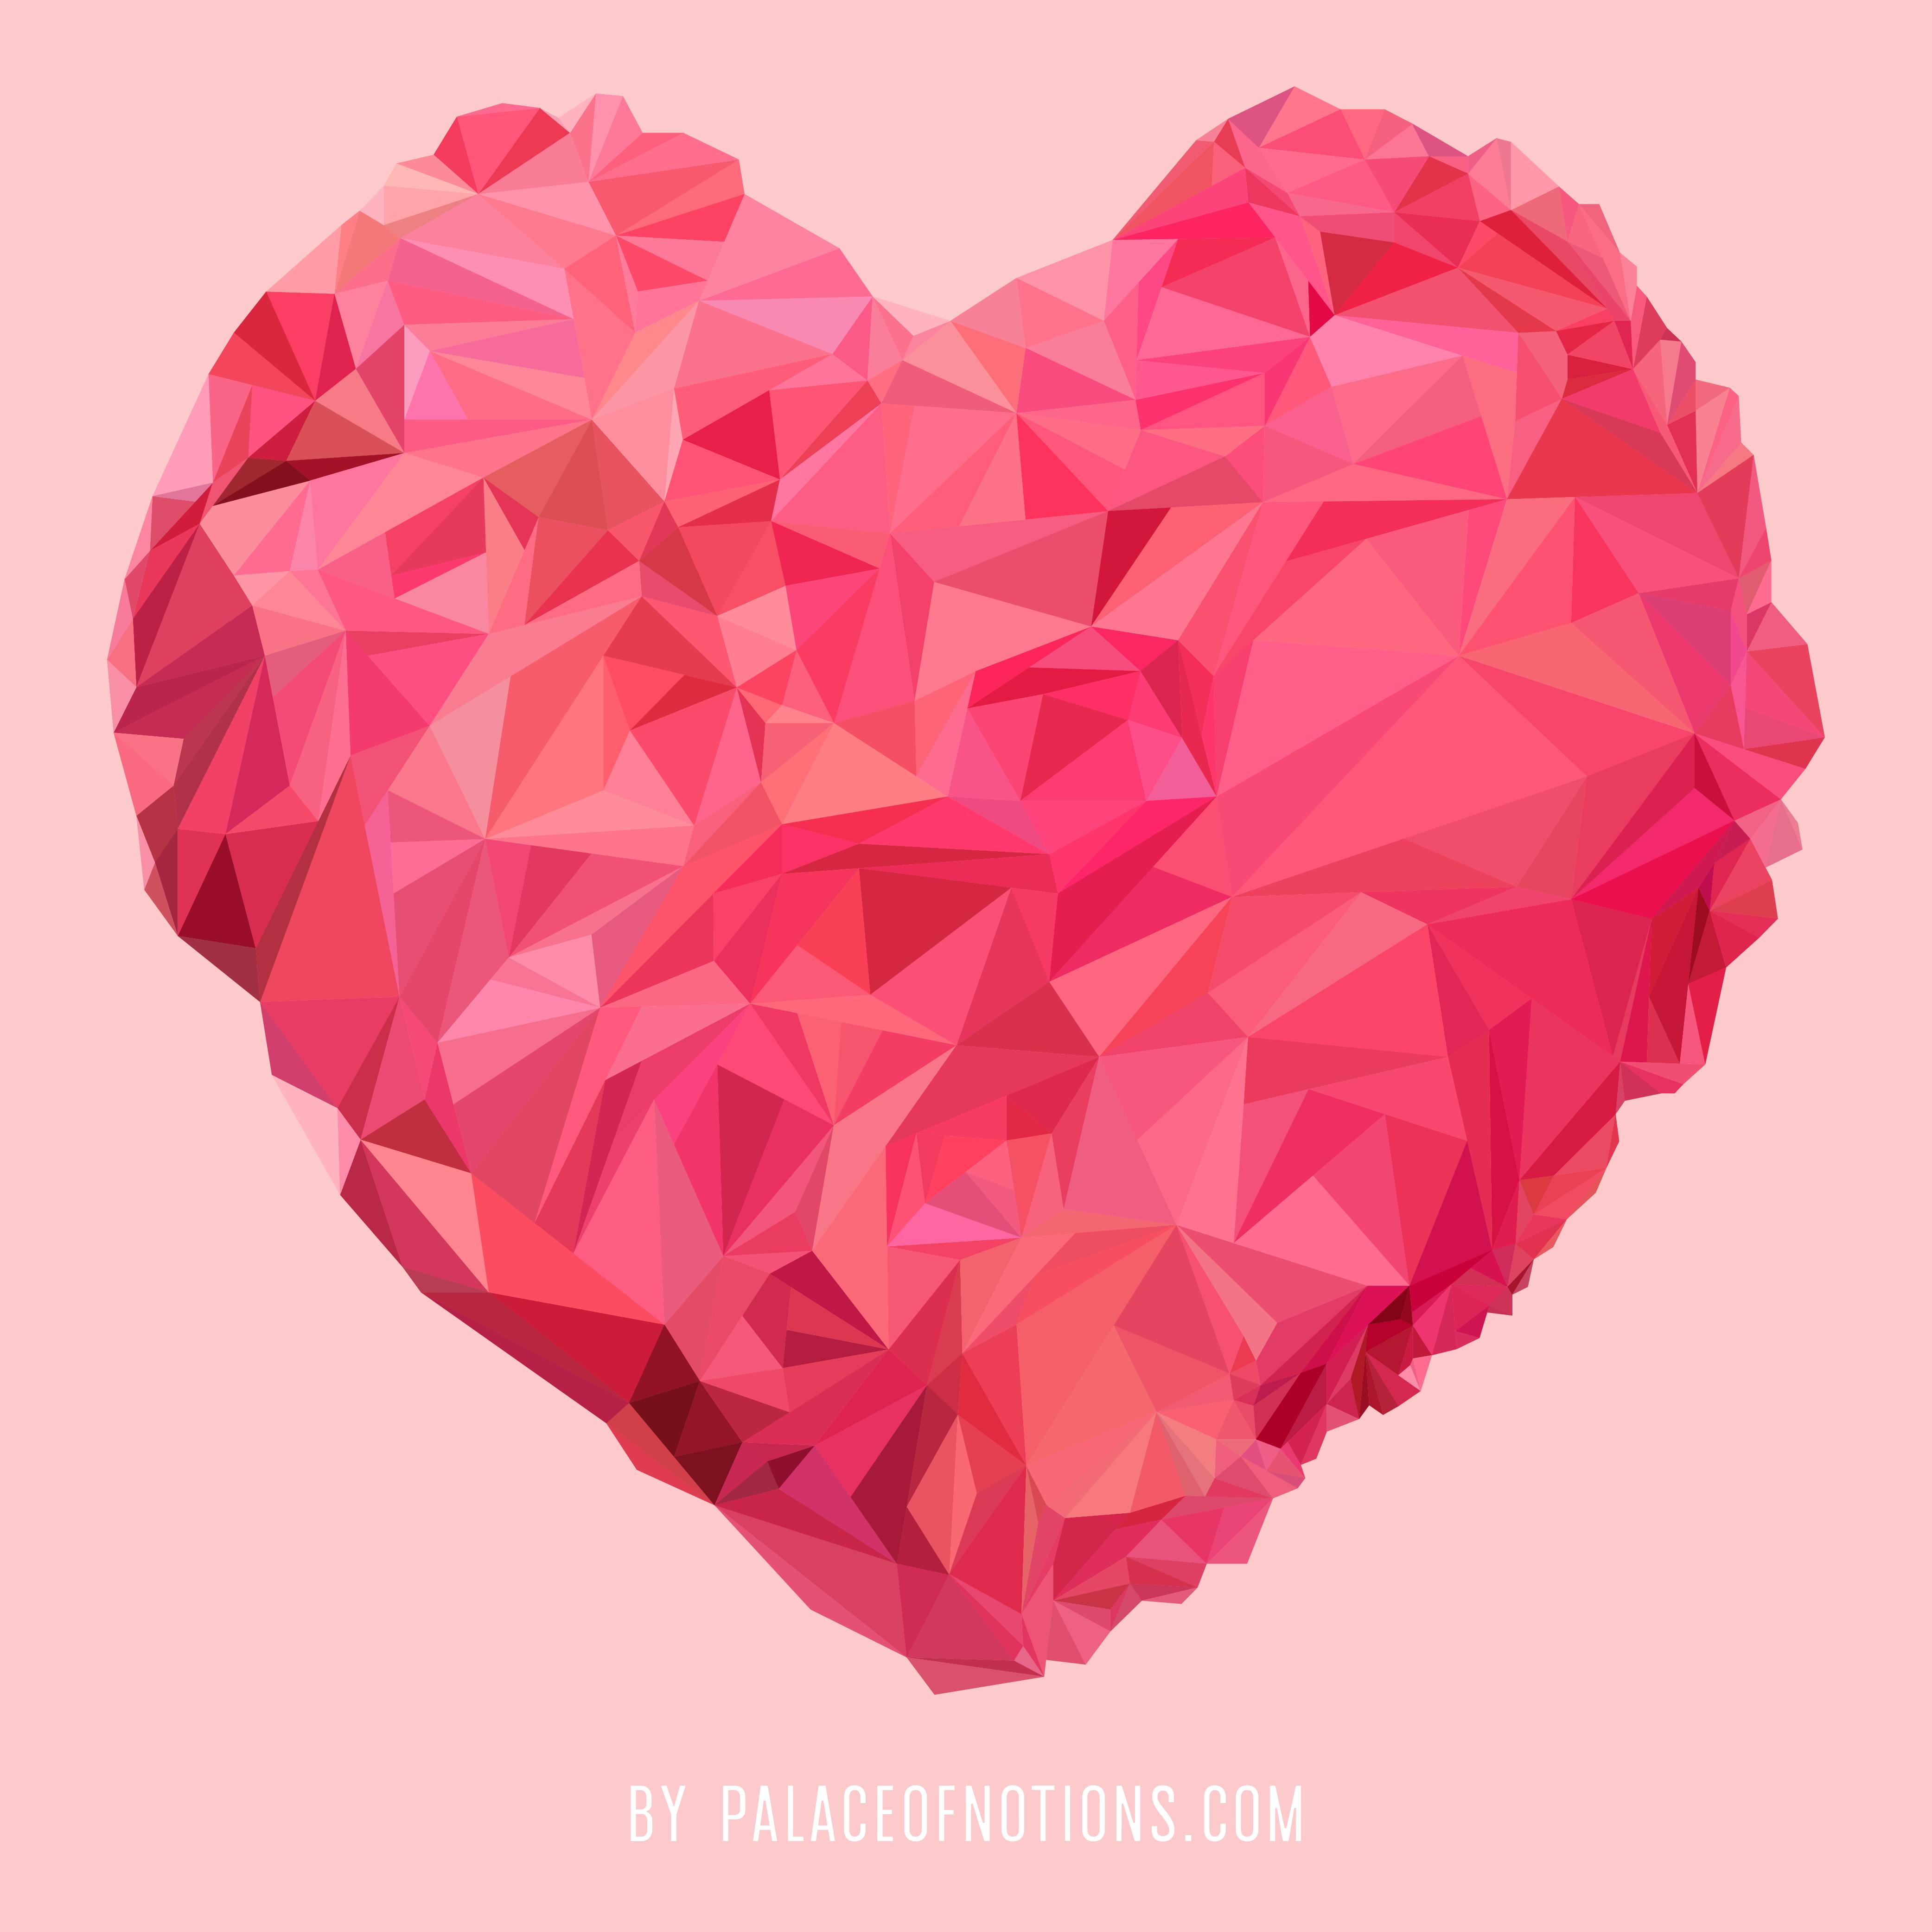 PALACE HEART